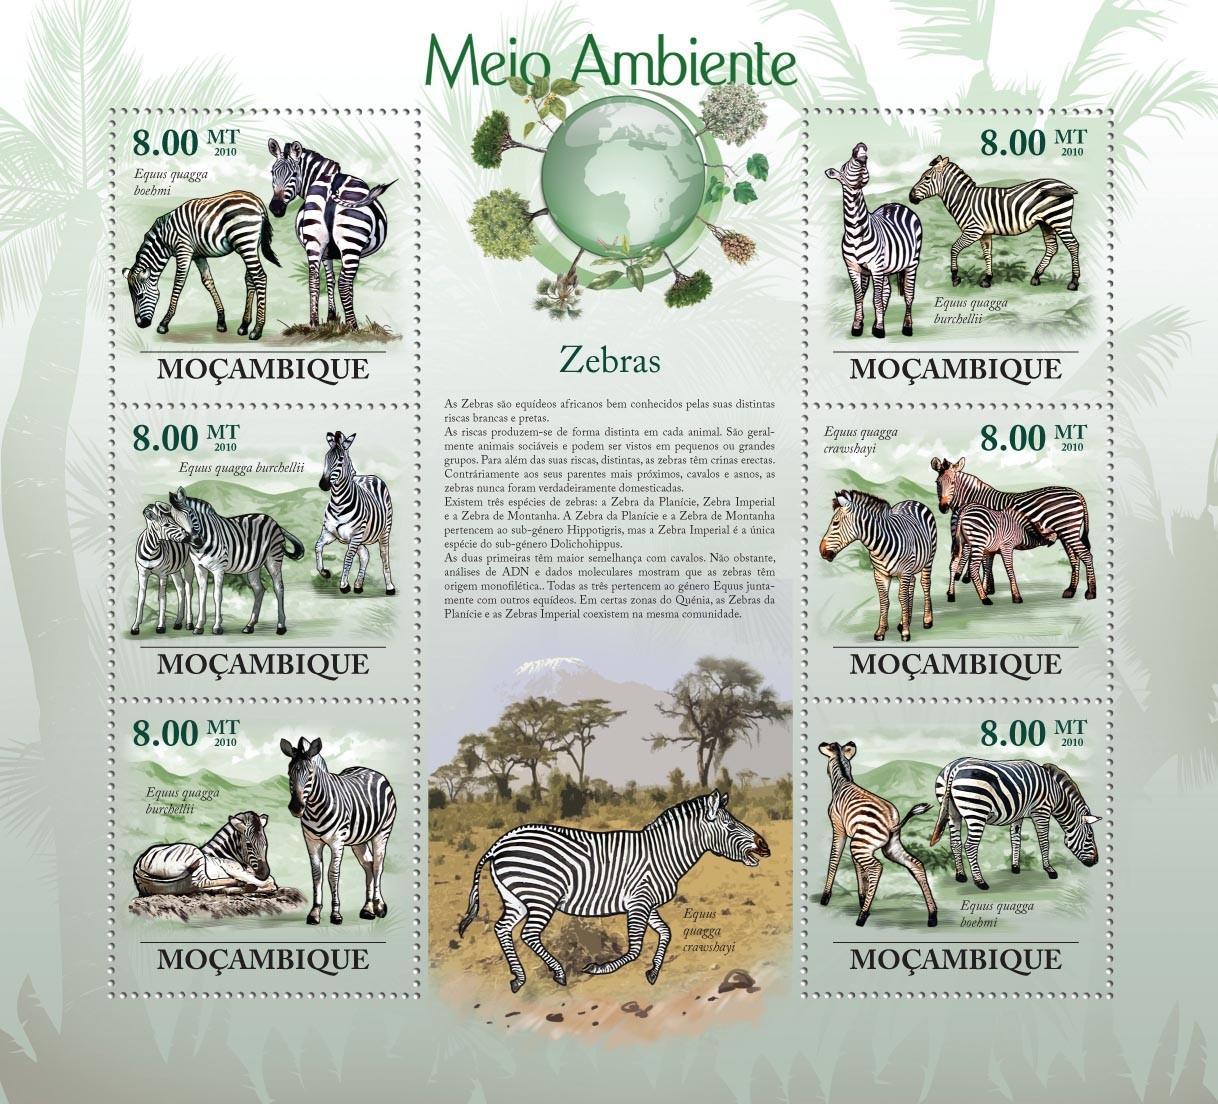 Zebras, ( Eguus quagga boehmi, Eguus quagga burchelli ) - Issue of Mozambique postage Stamps